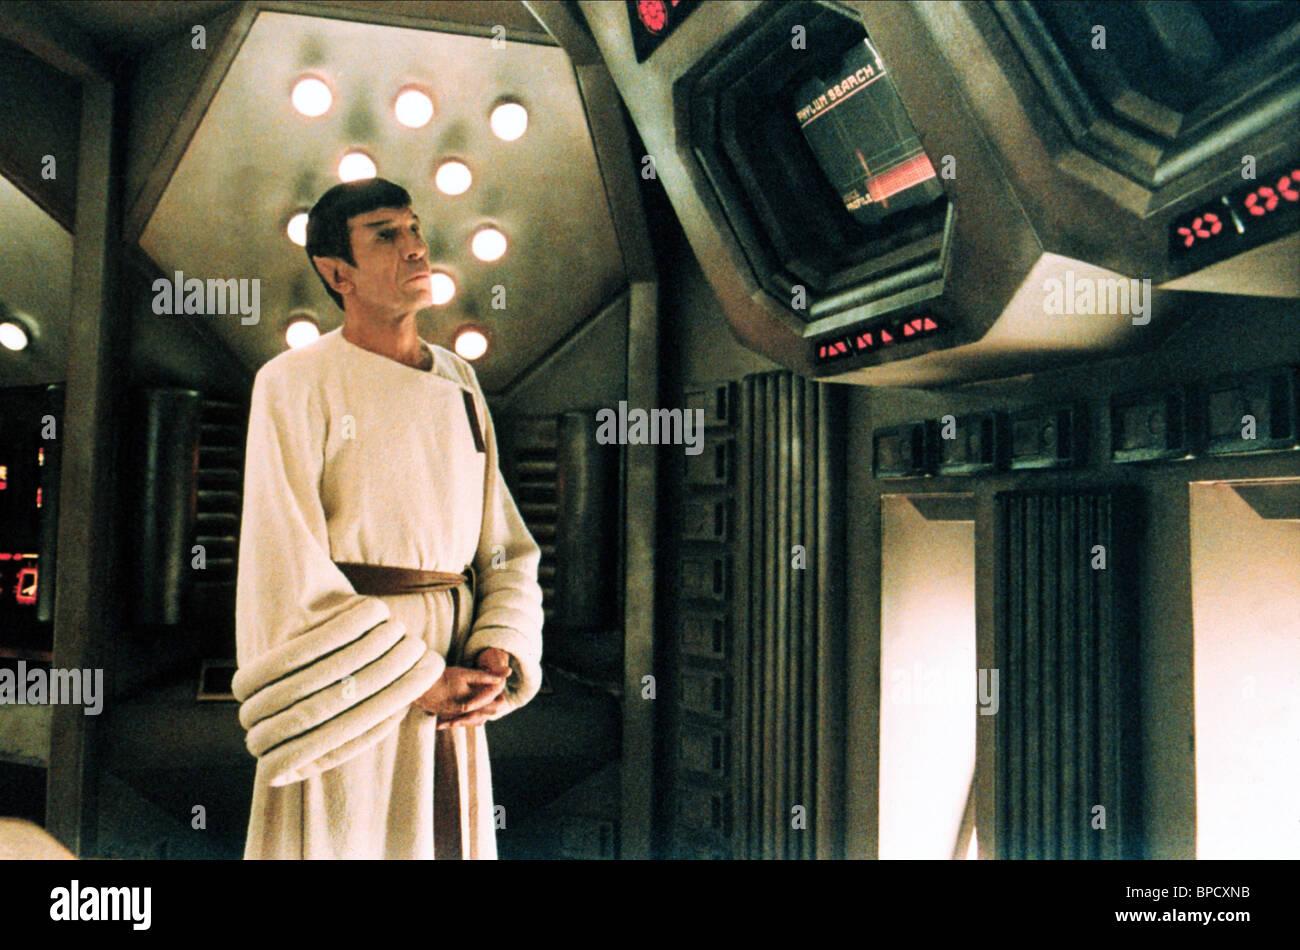 LEONARD NIMOY STAR TREK IV: THE VOYAGE HOME (1986) Stock Photo